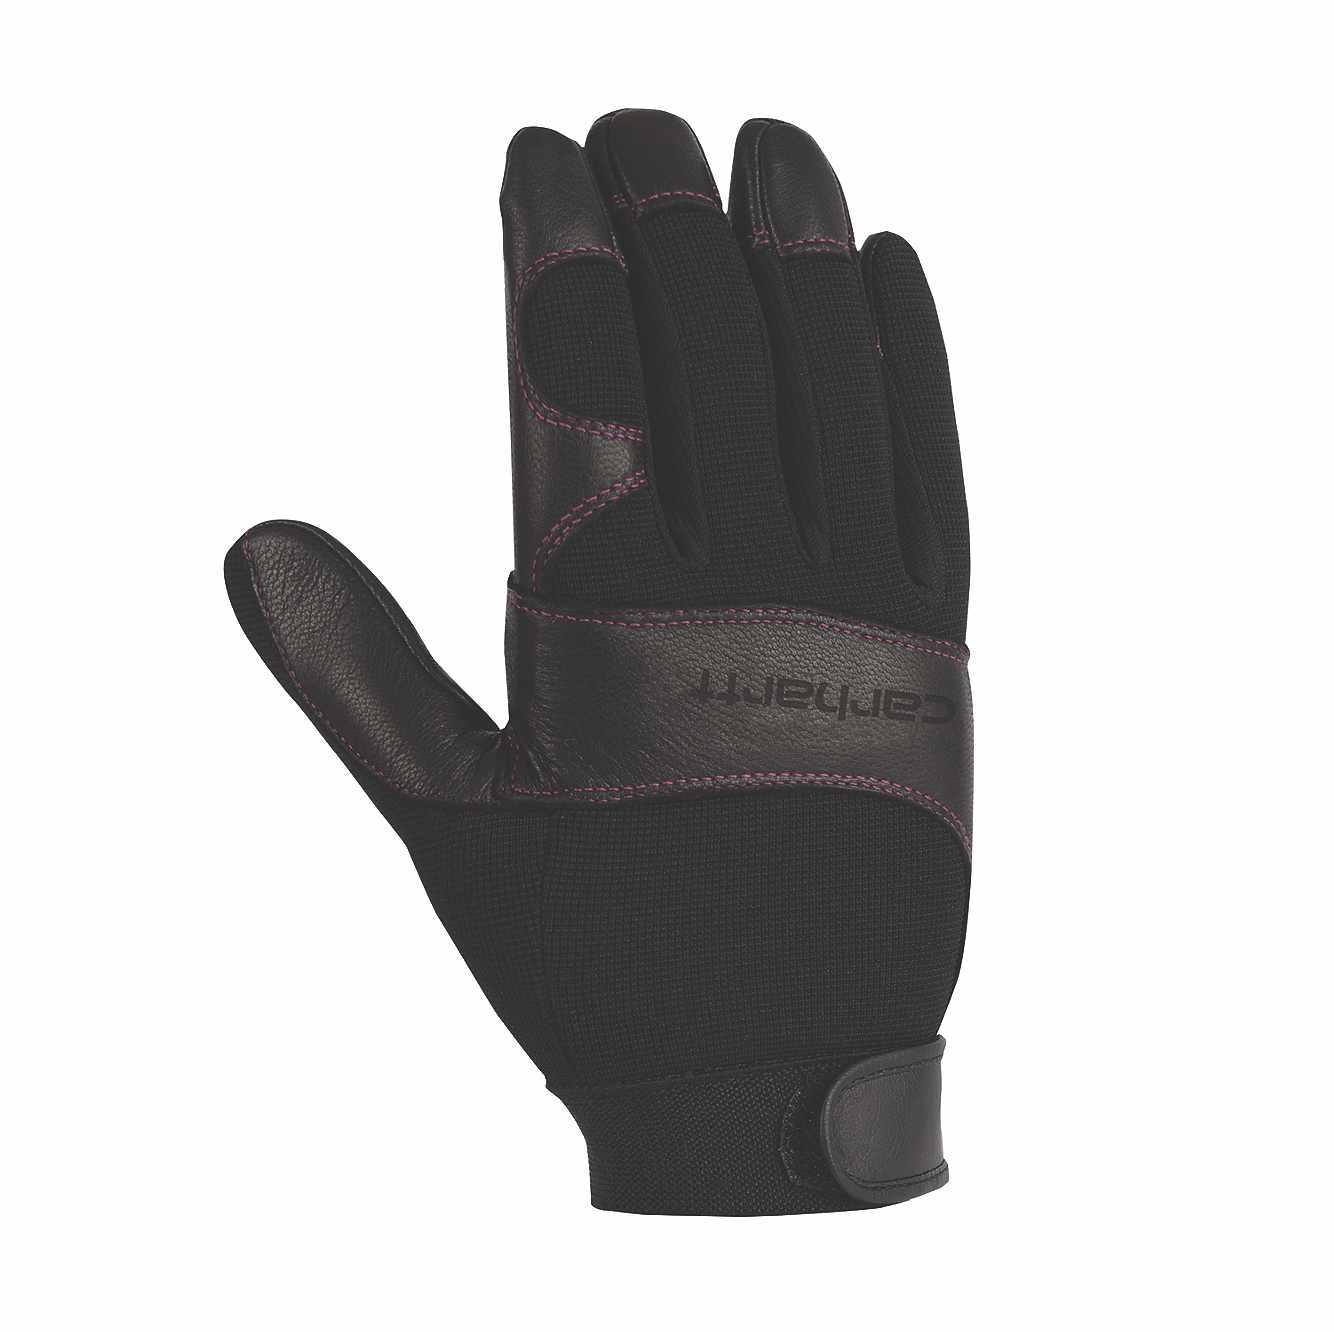 Picture of The Dex II High Dexterity Glove in Black